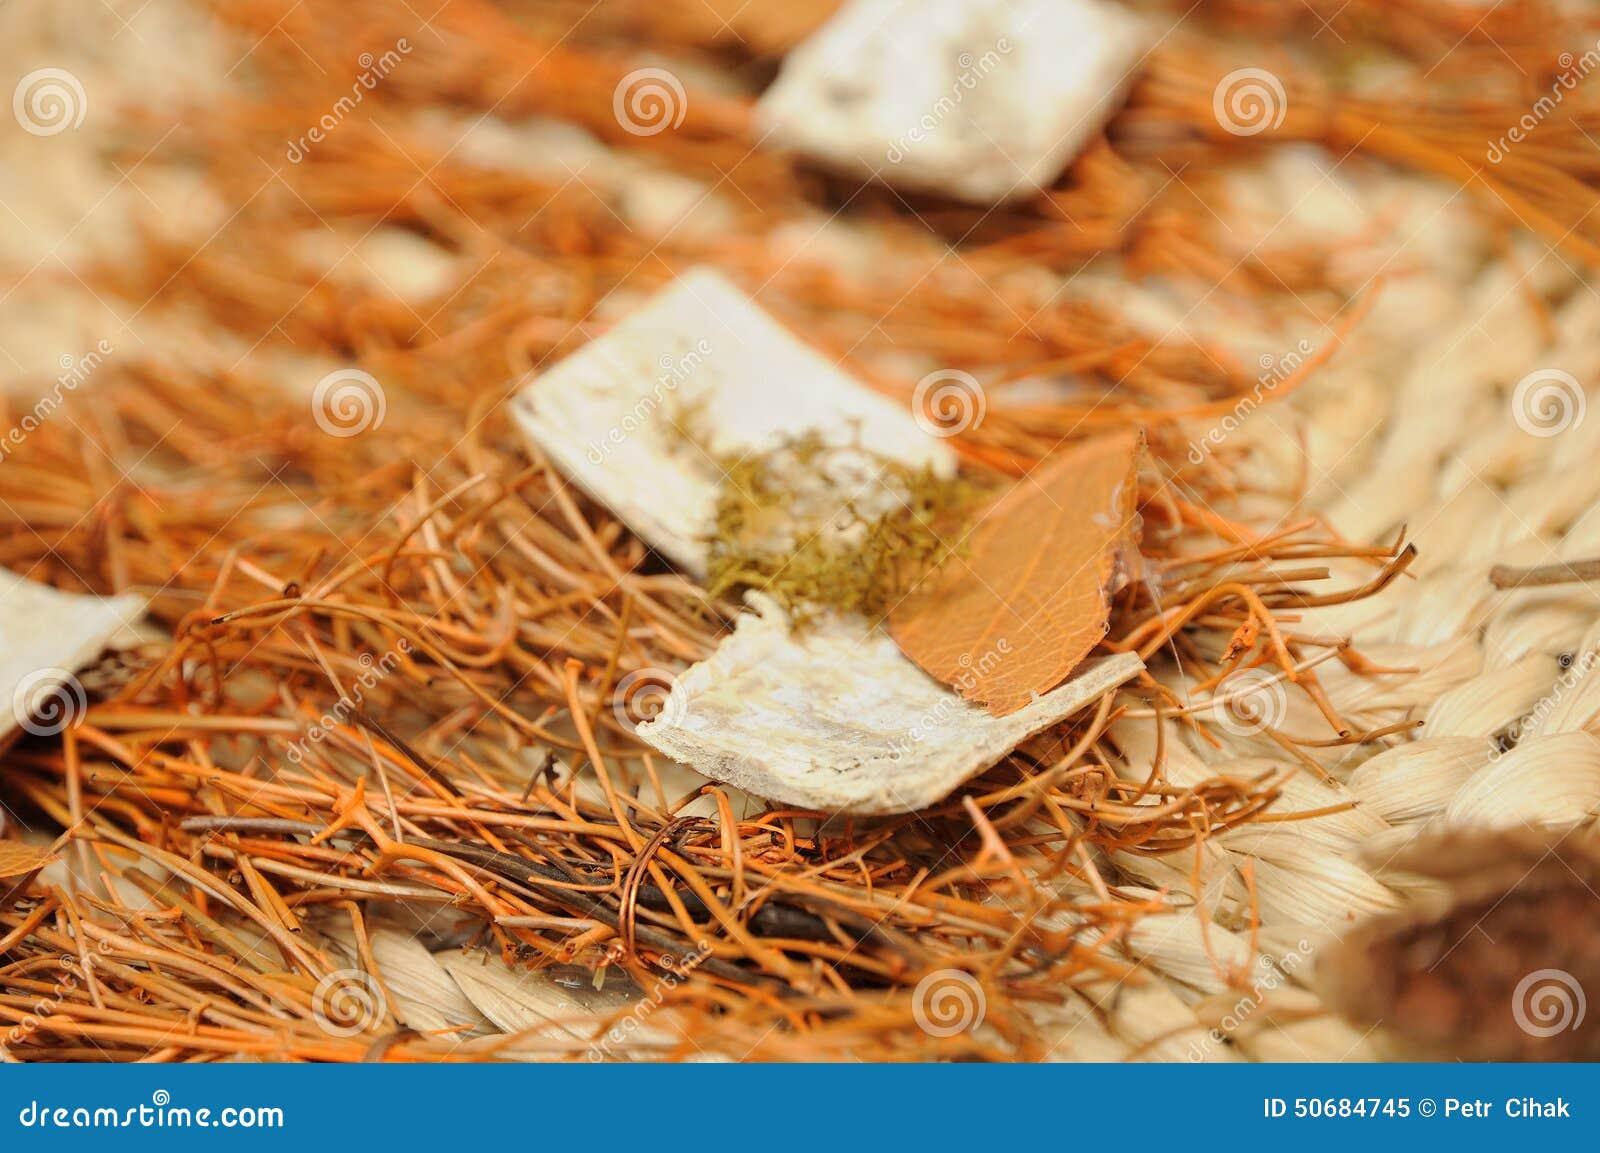 Download 干燥草本背景 库存图片. 图片 包括有 部分, 草本, 本质, 外皮, 自然, 大麦, 牌照, 背包, 干燥 - 50684745